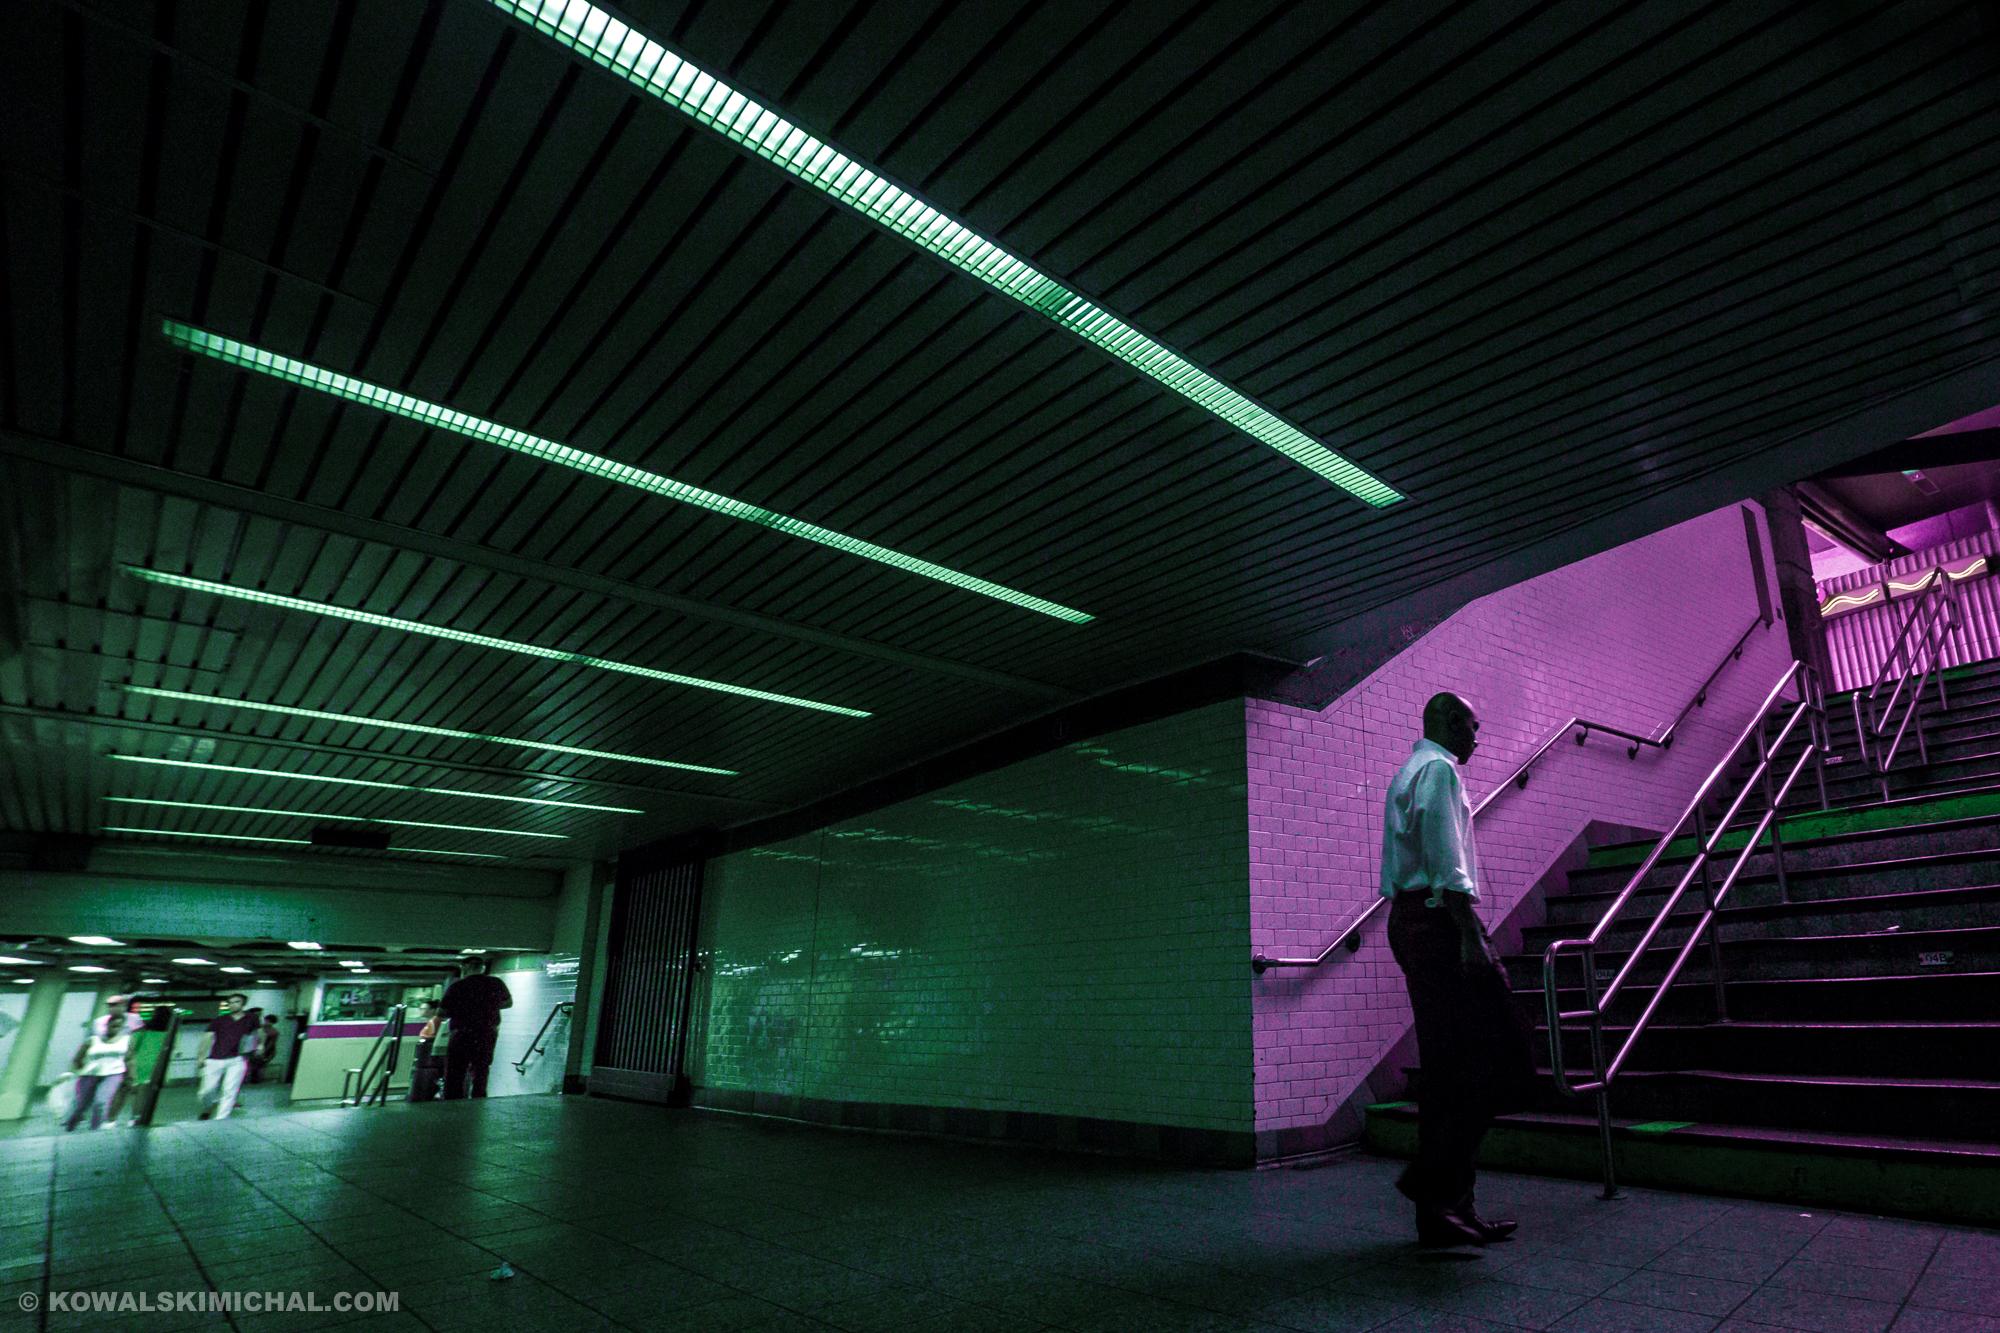 fot.kowalskimichal.com_MG_3295.jpg